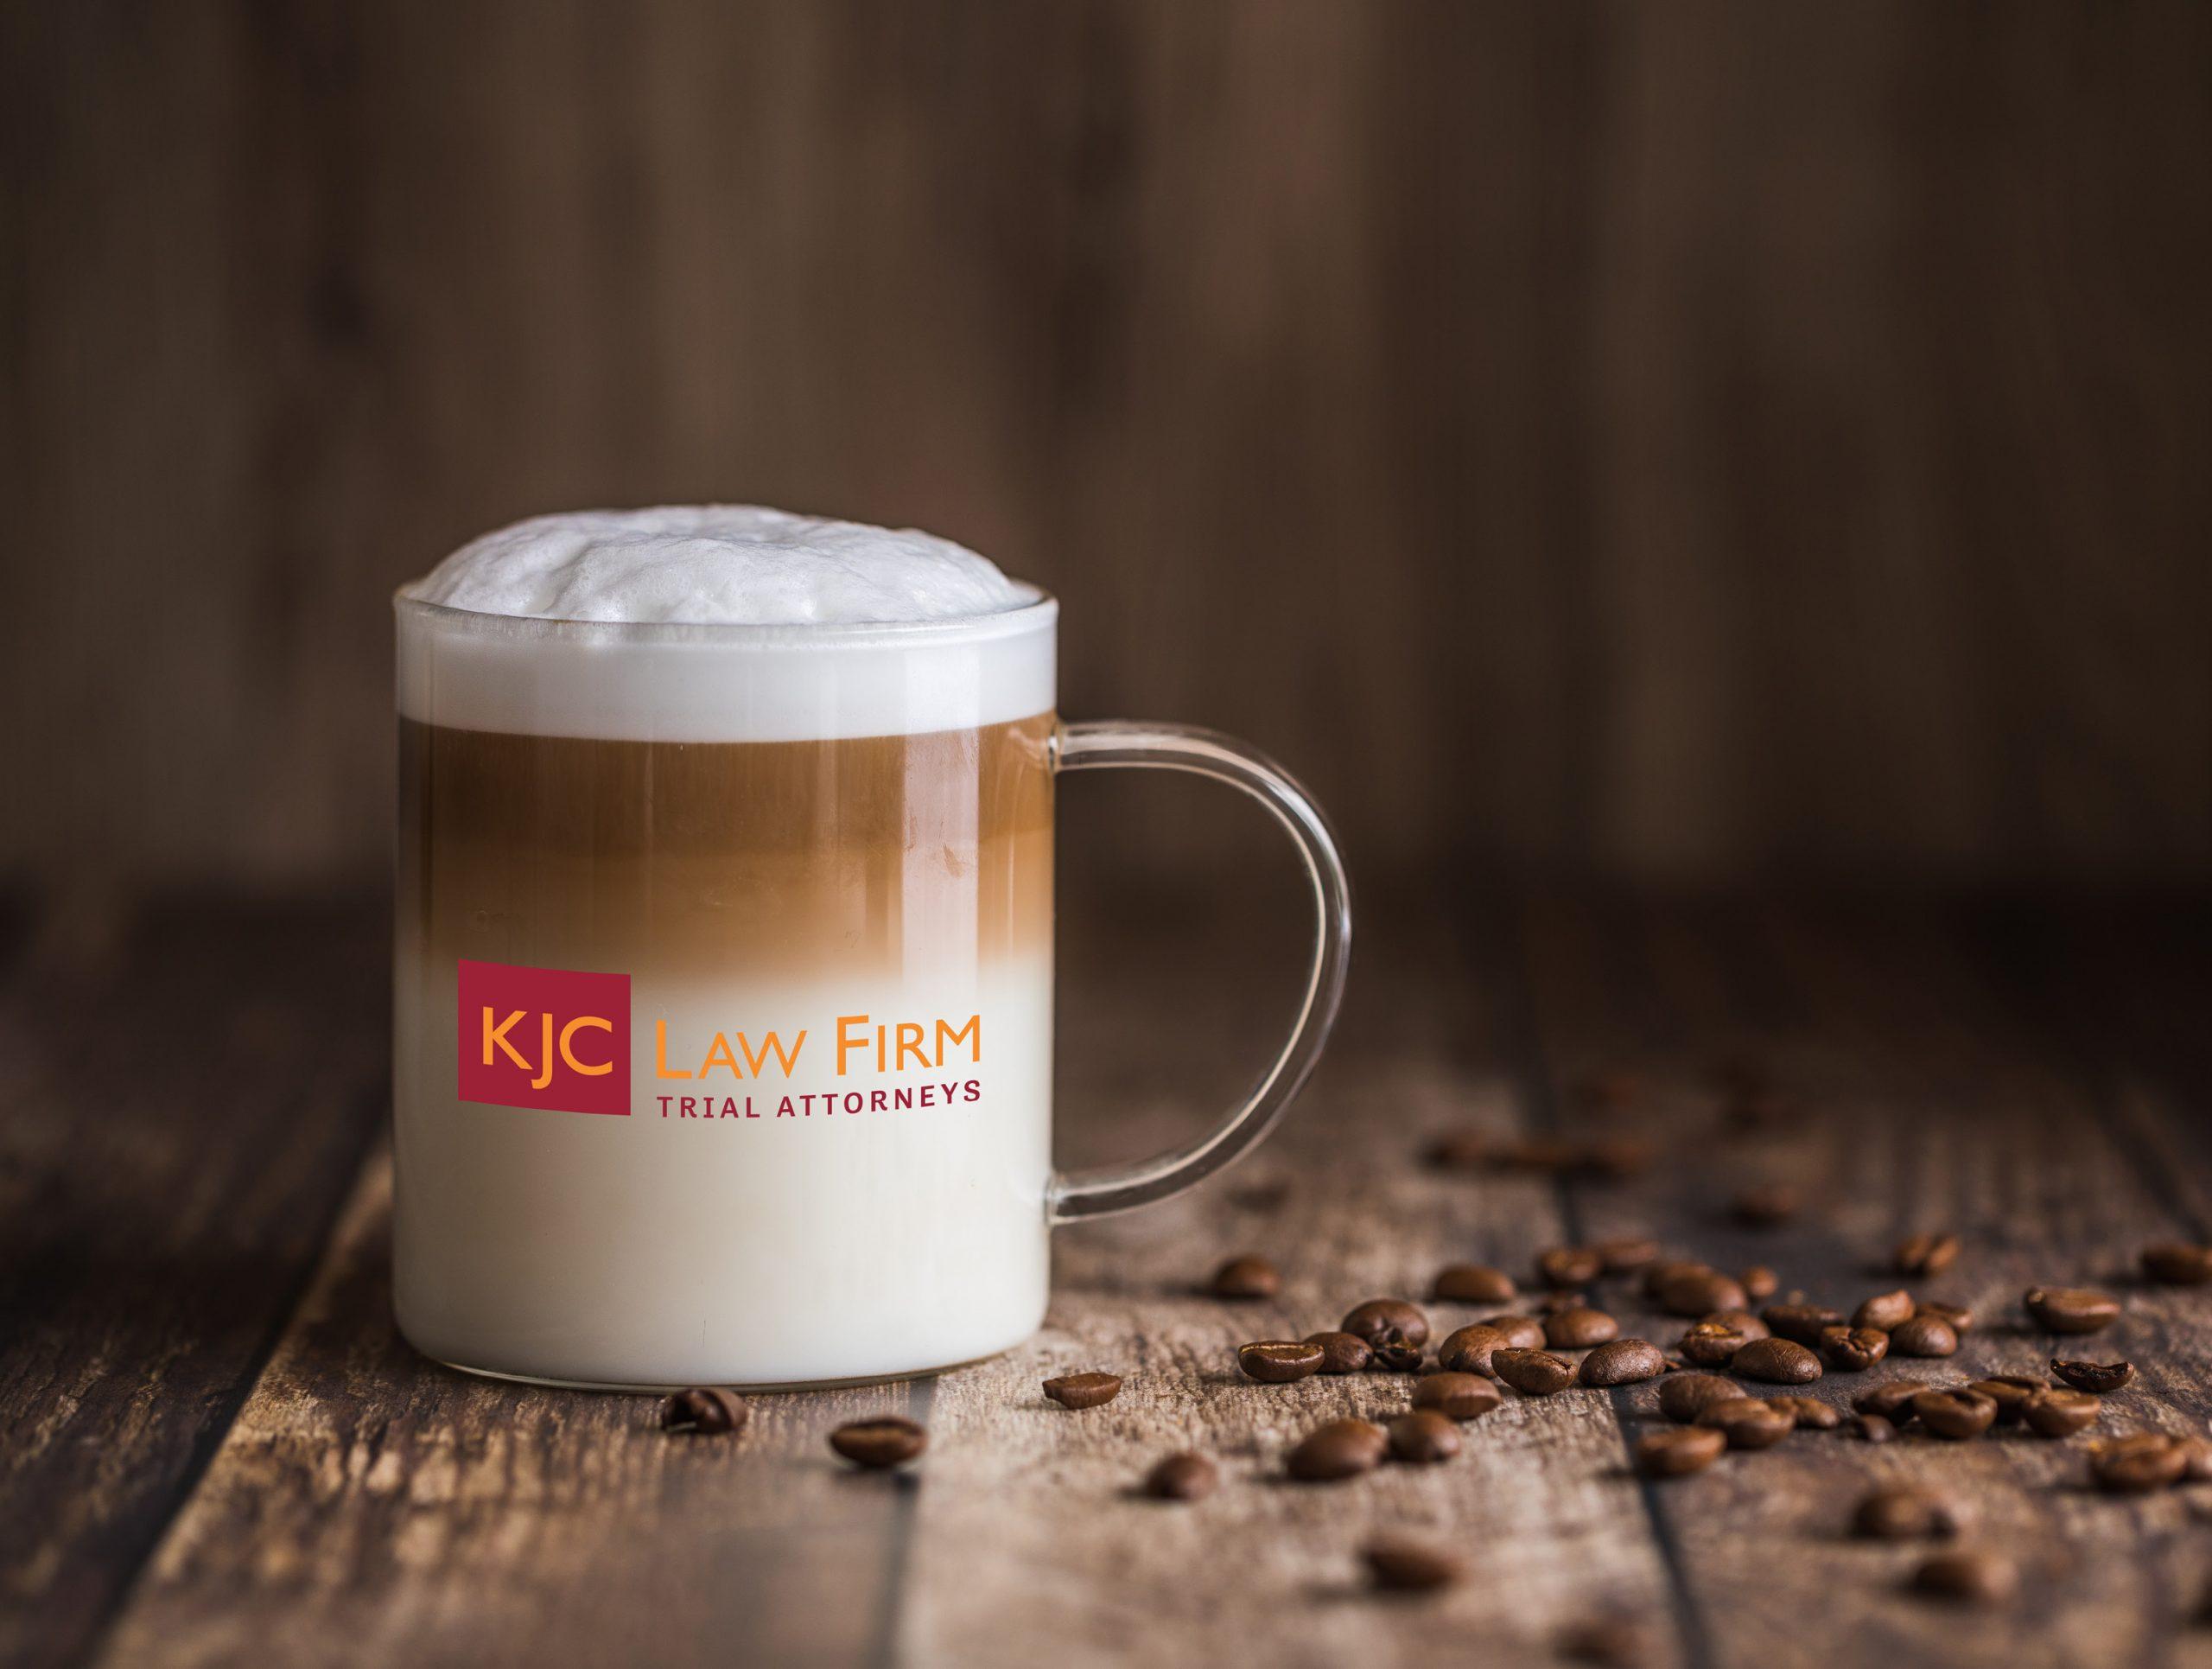 KJC mug